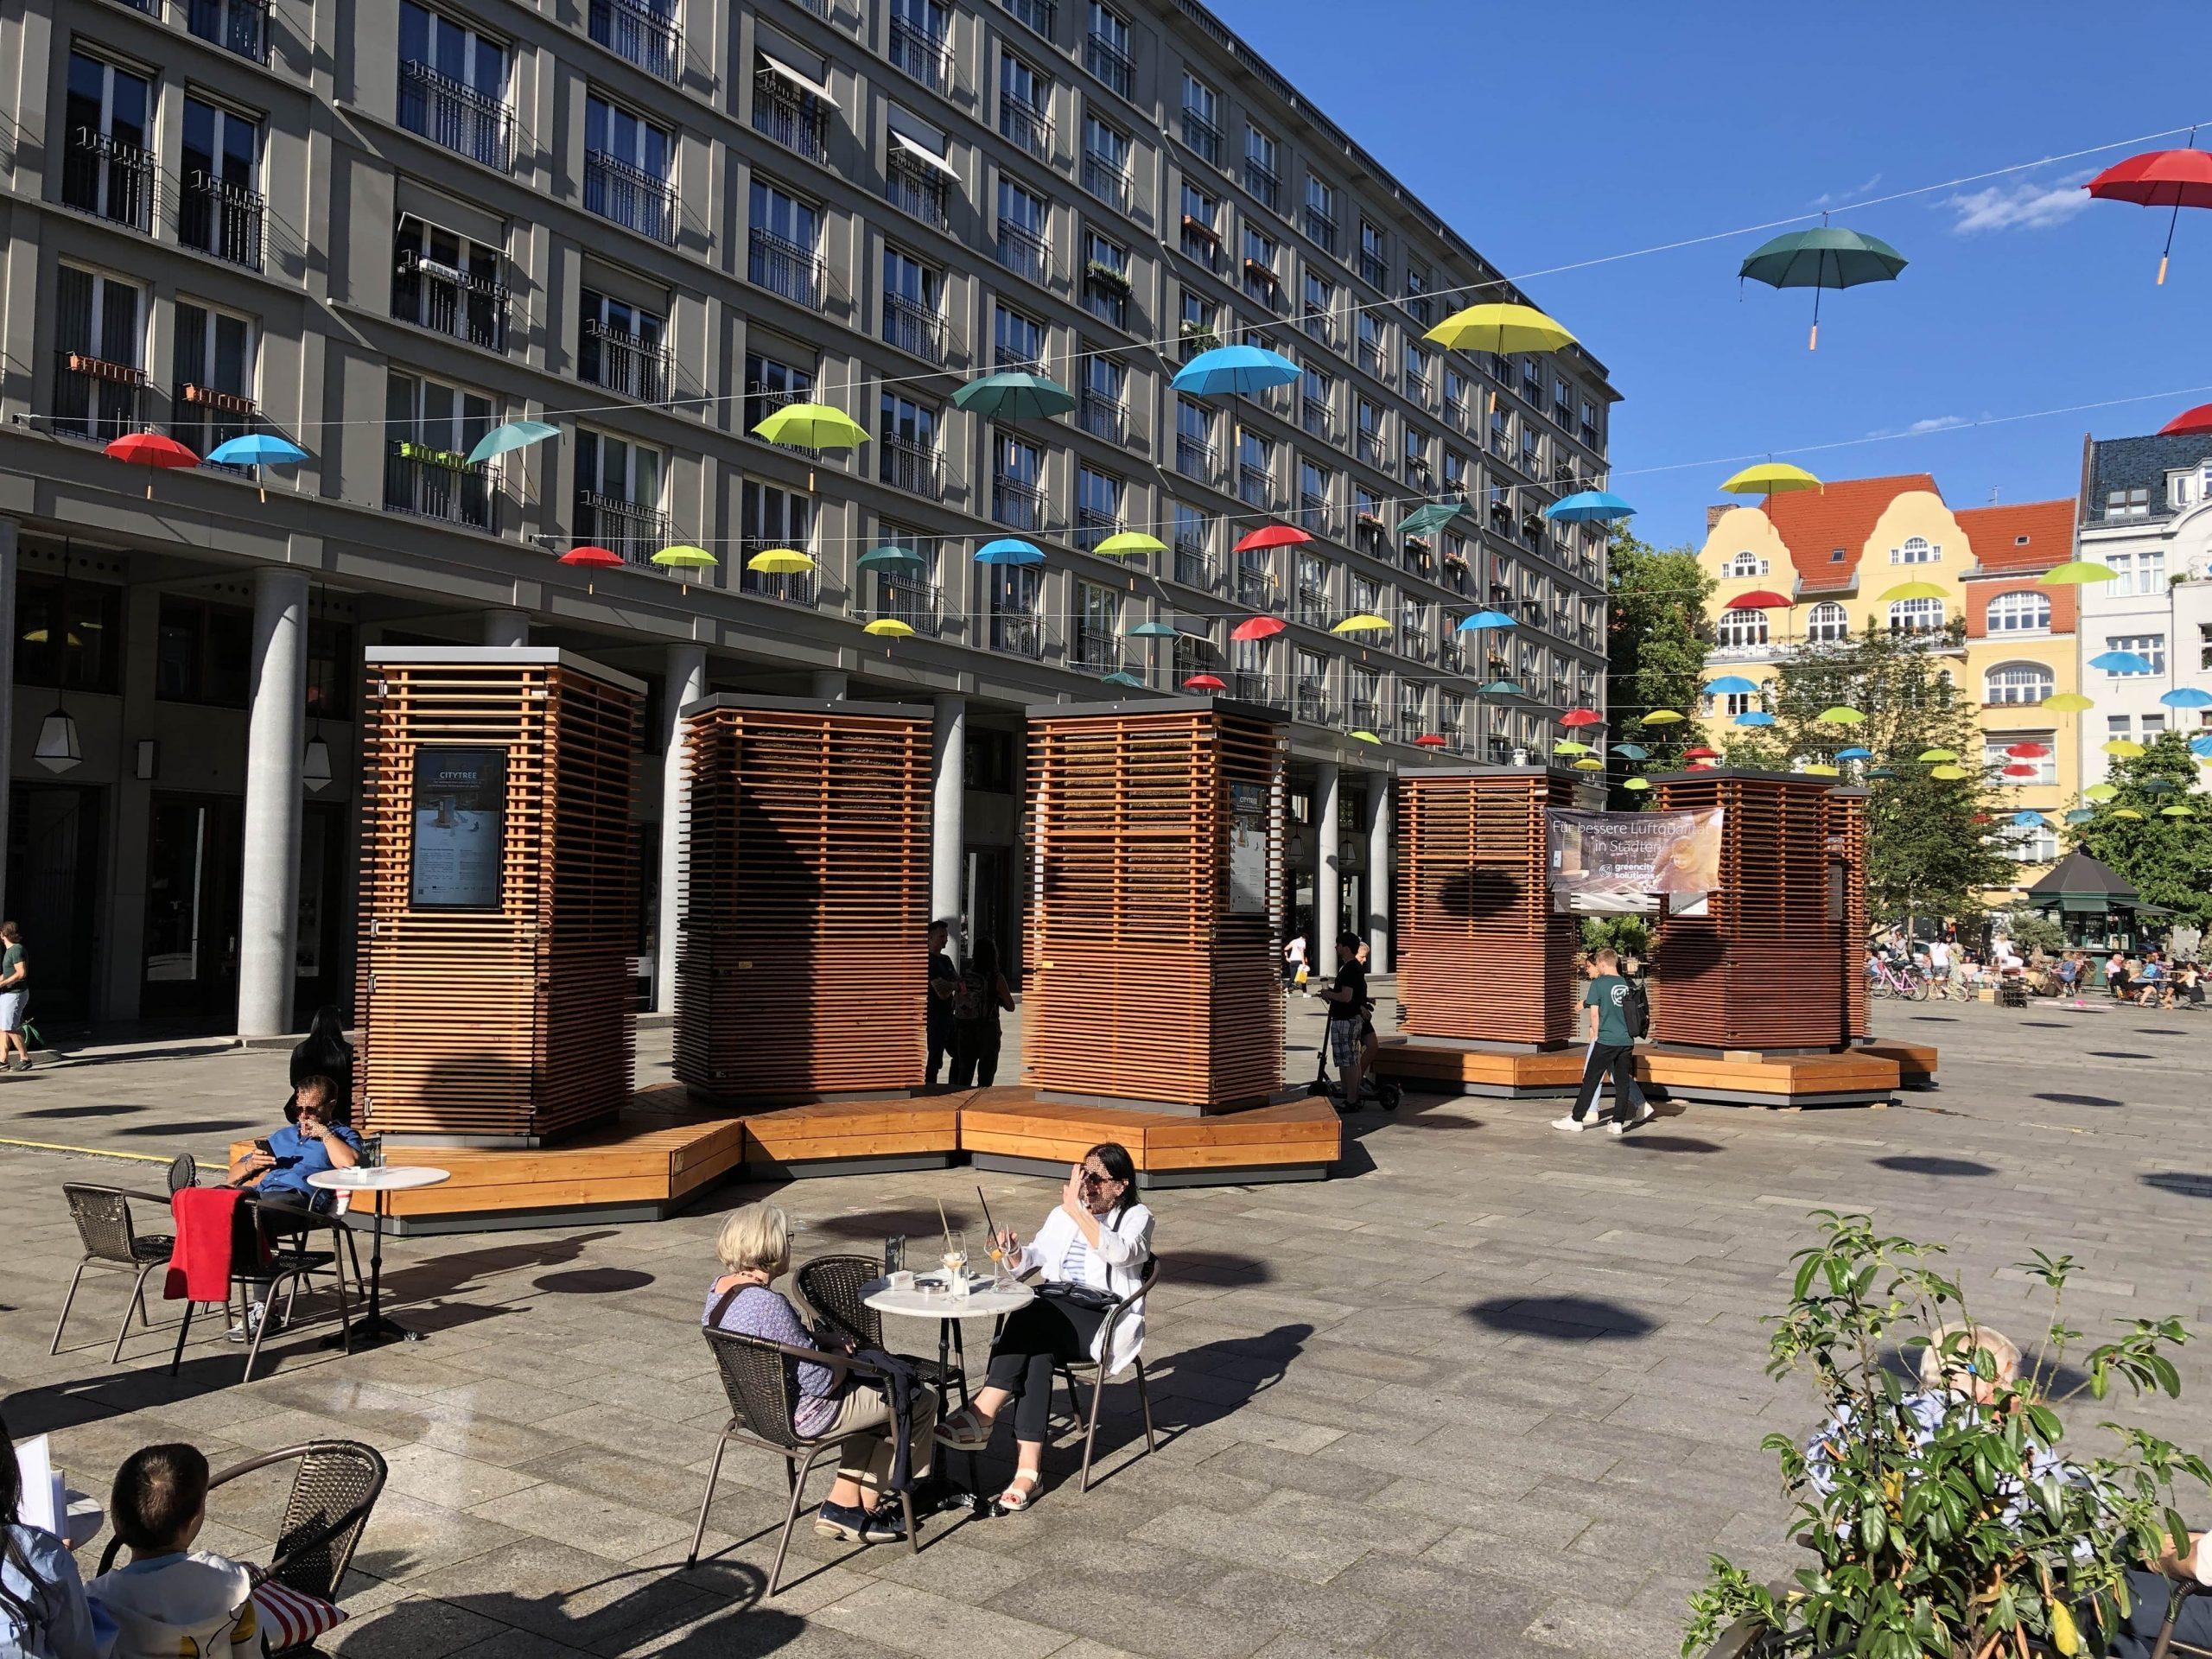 6 City Trees auf dem Walter-Benjamin-Platz bei Sonnenschein.